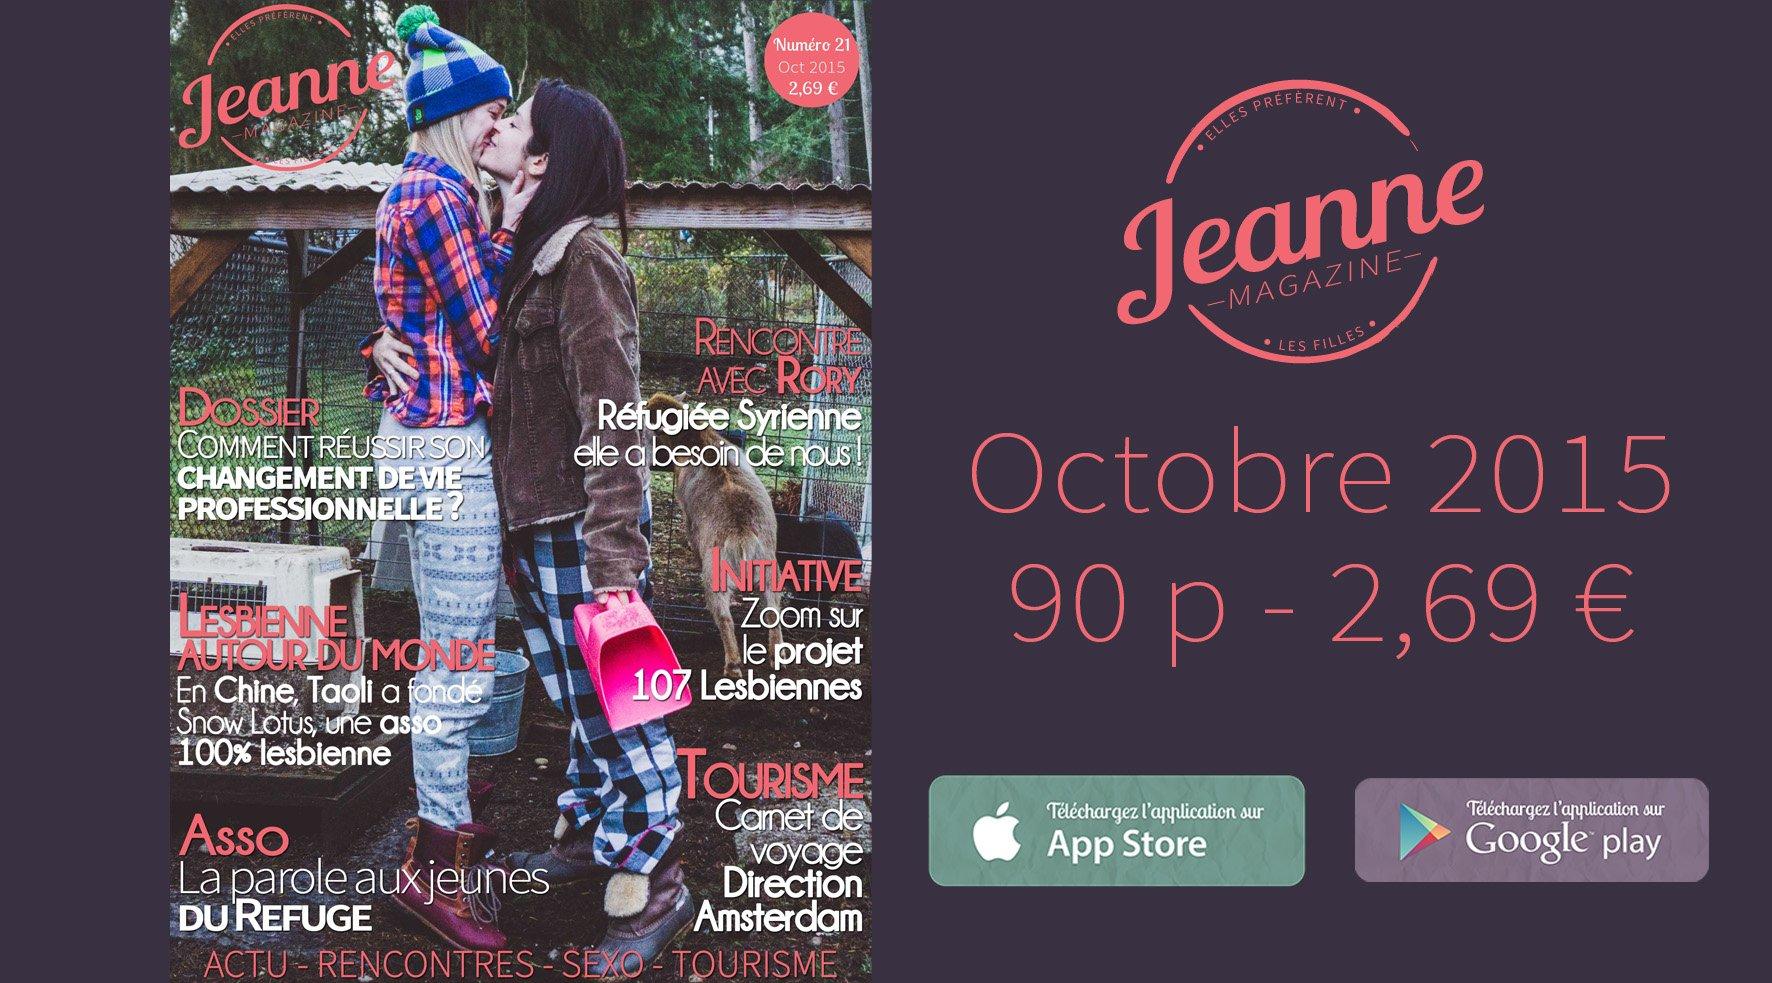 Sortie de Jeanne Magazine n°21 – octobre 2015